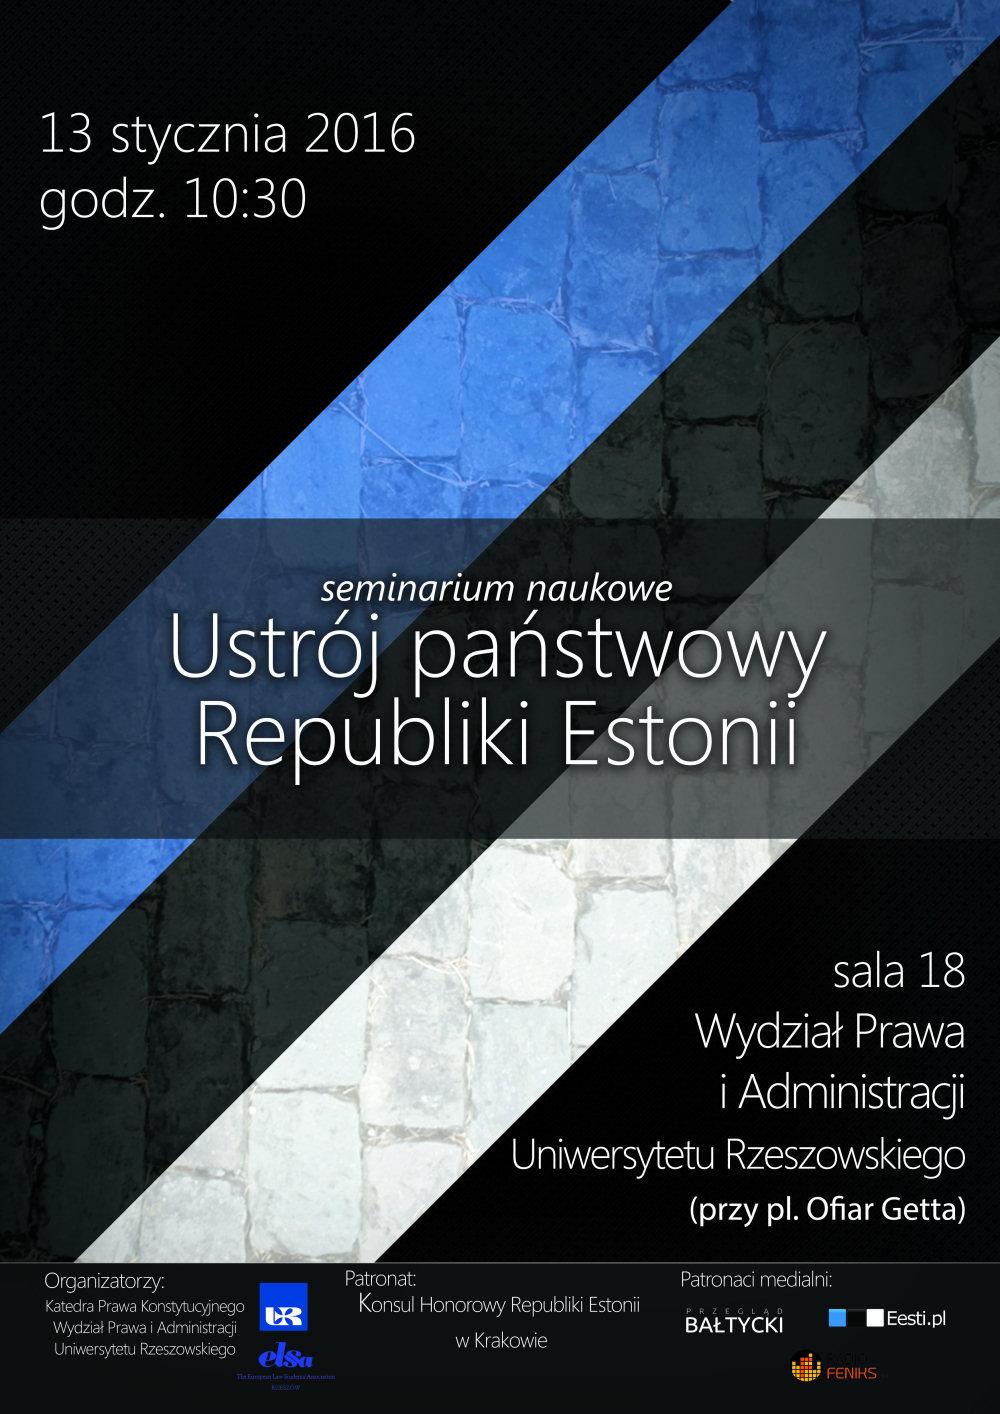 Seminarium naukowe: ustrój państwowy Republiki Estonii